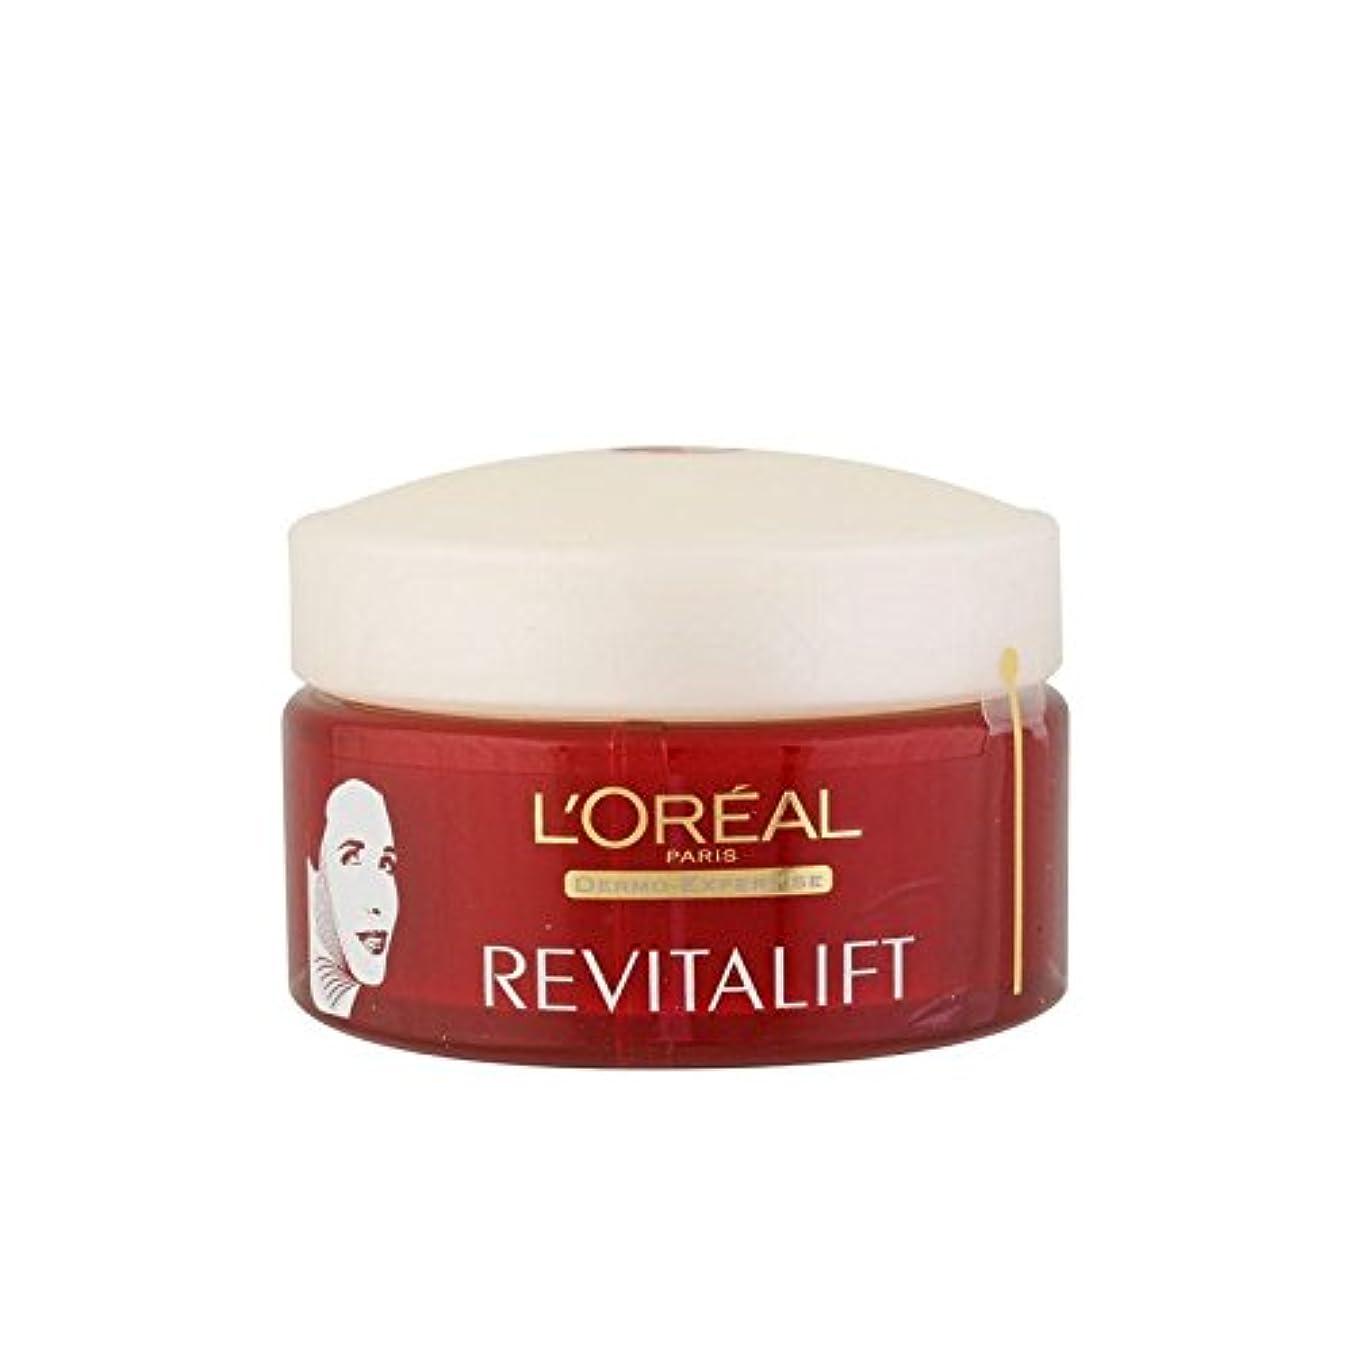 警官朝ごはん重なるロレアルパリ?ダーモ専門知識顔の輪郭や首の再サポートクリーム(50ミリリットル) x4 - L'Oreal Paris Dermo Expertise Revitalift Face Contours And Neck...